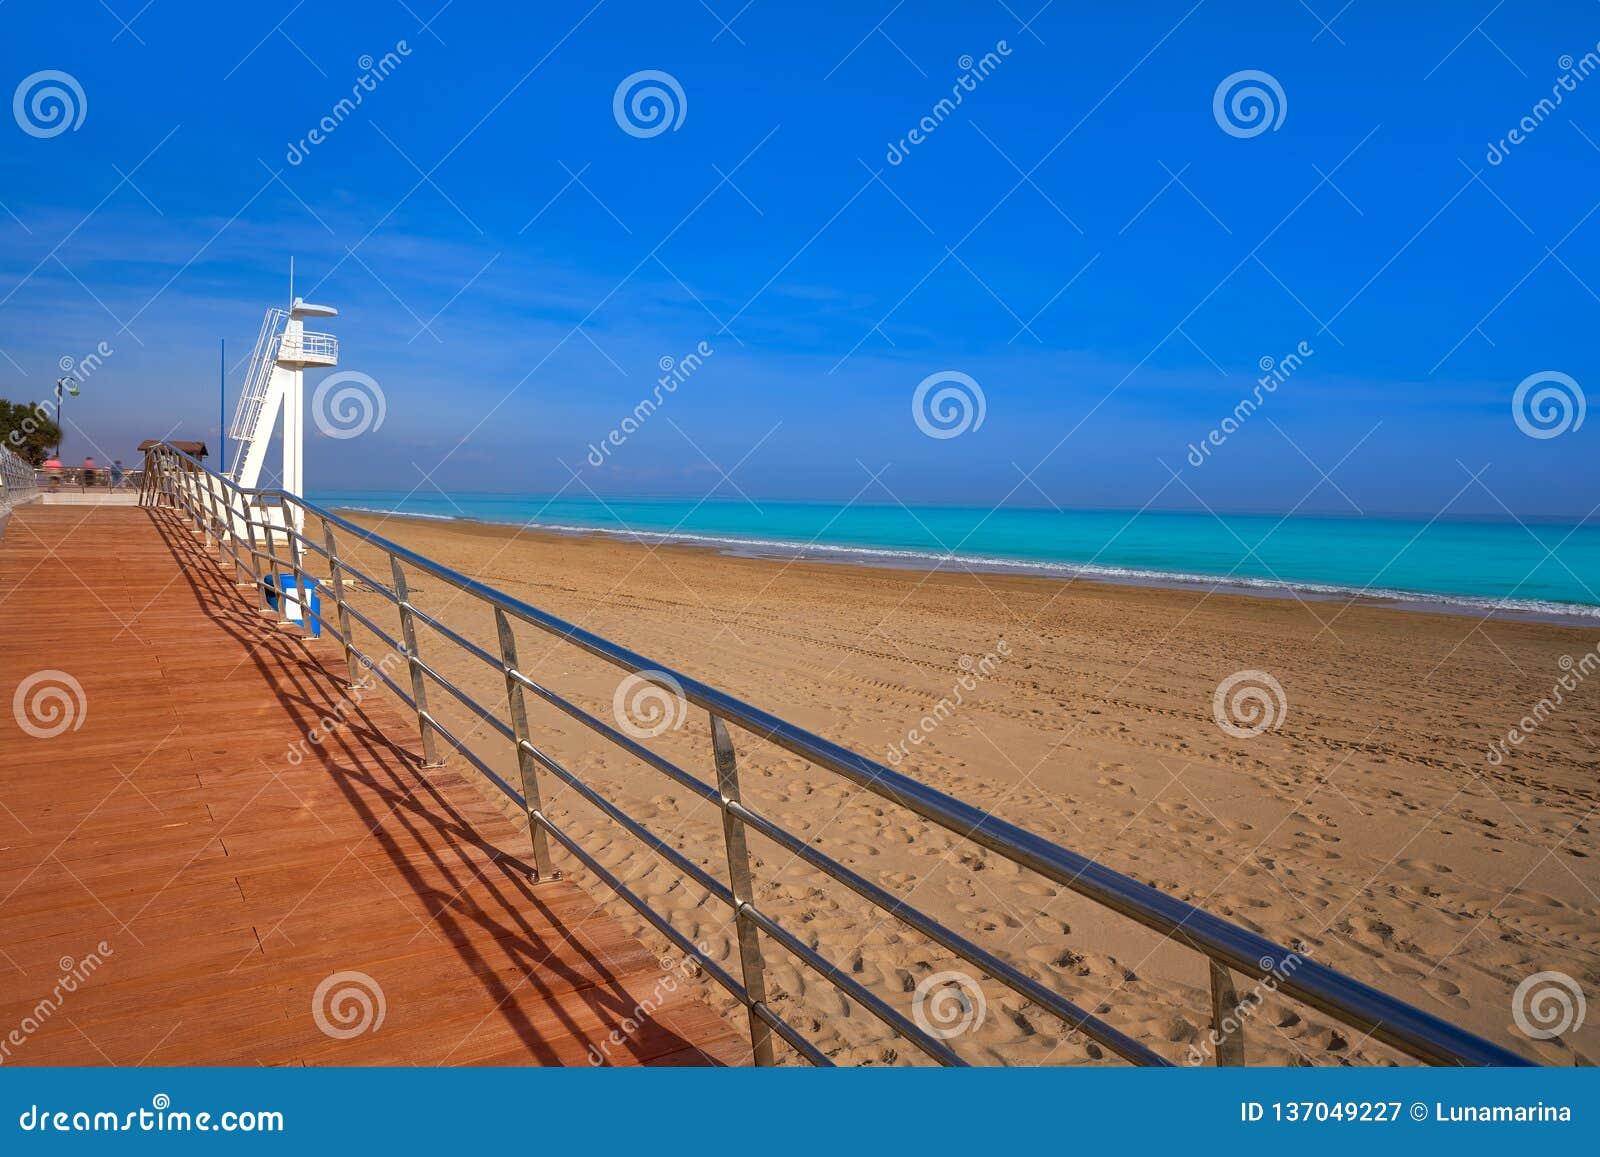 Playa De La Mata Beach In Torrevieja Spain Stock Image Image Of Perfect Landmark 137049227